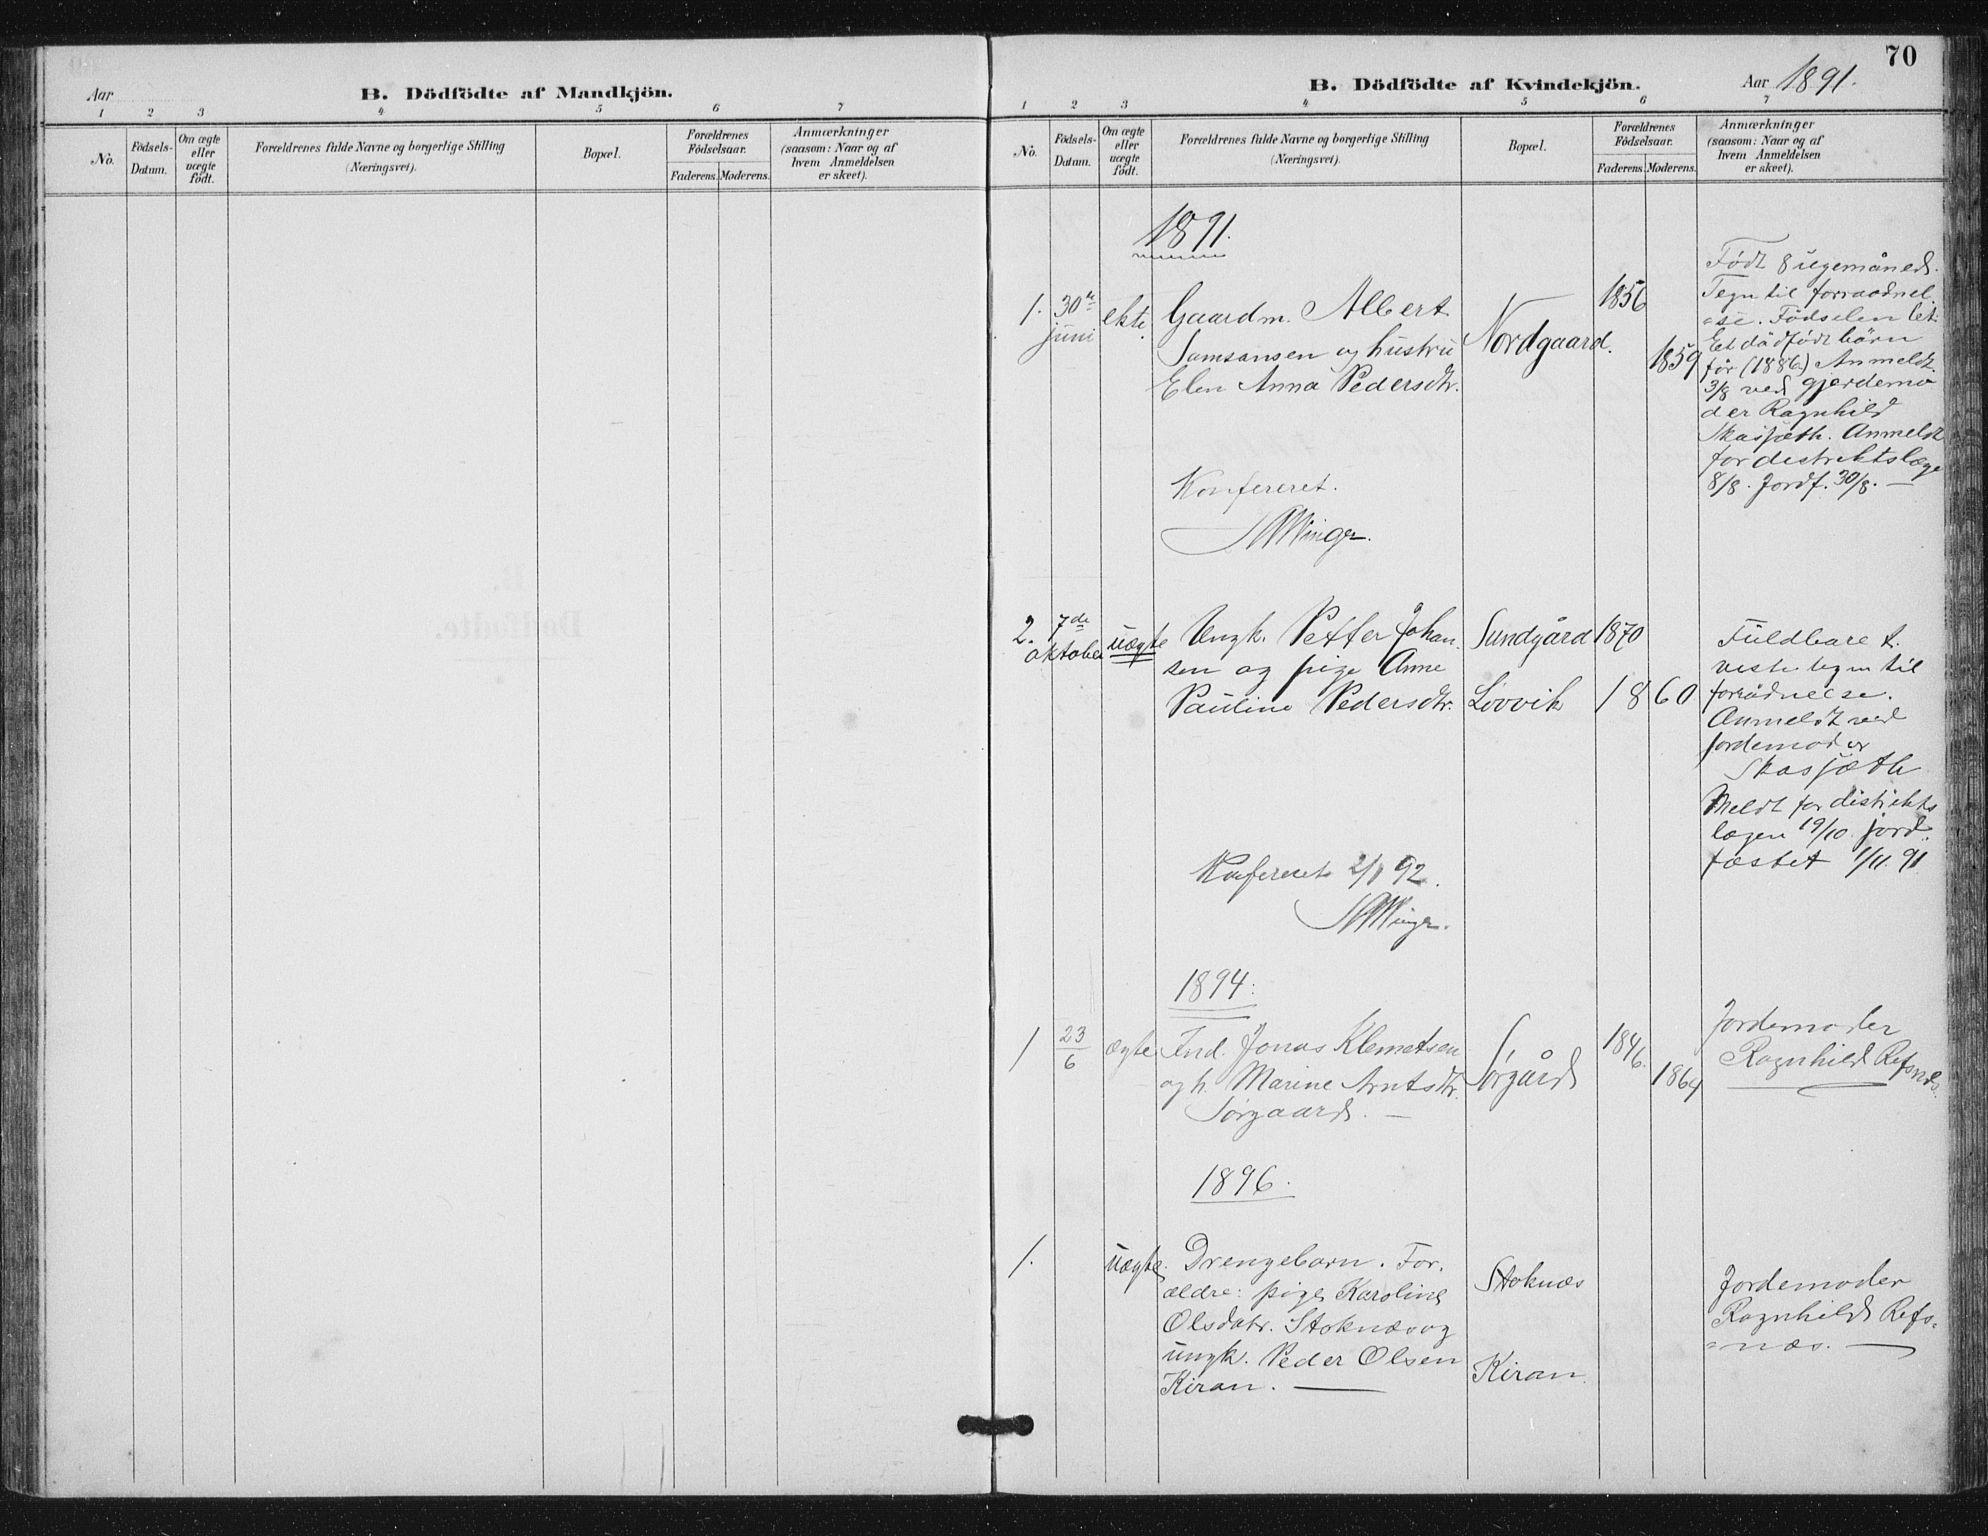 SAT, Ministerialprotokoller, klokkerbøker og fødselsregistre - Sør-Trøndelag, 656/L0698: Klokkerbok nr. 656C04, 1890-1904, s. 70